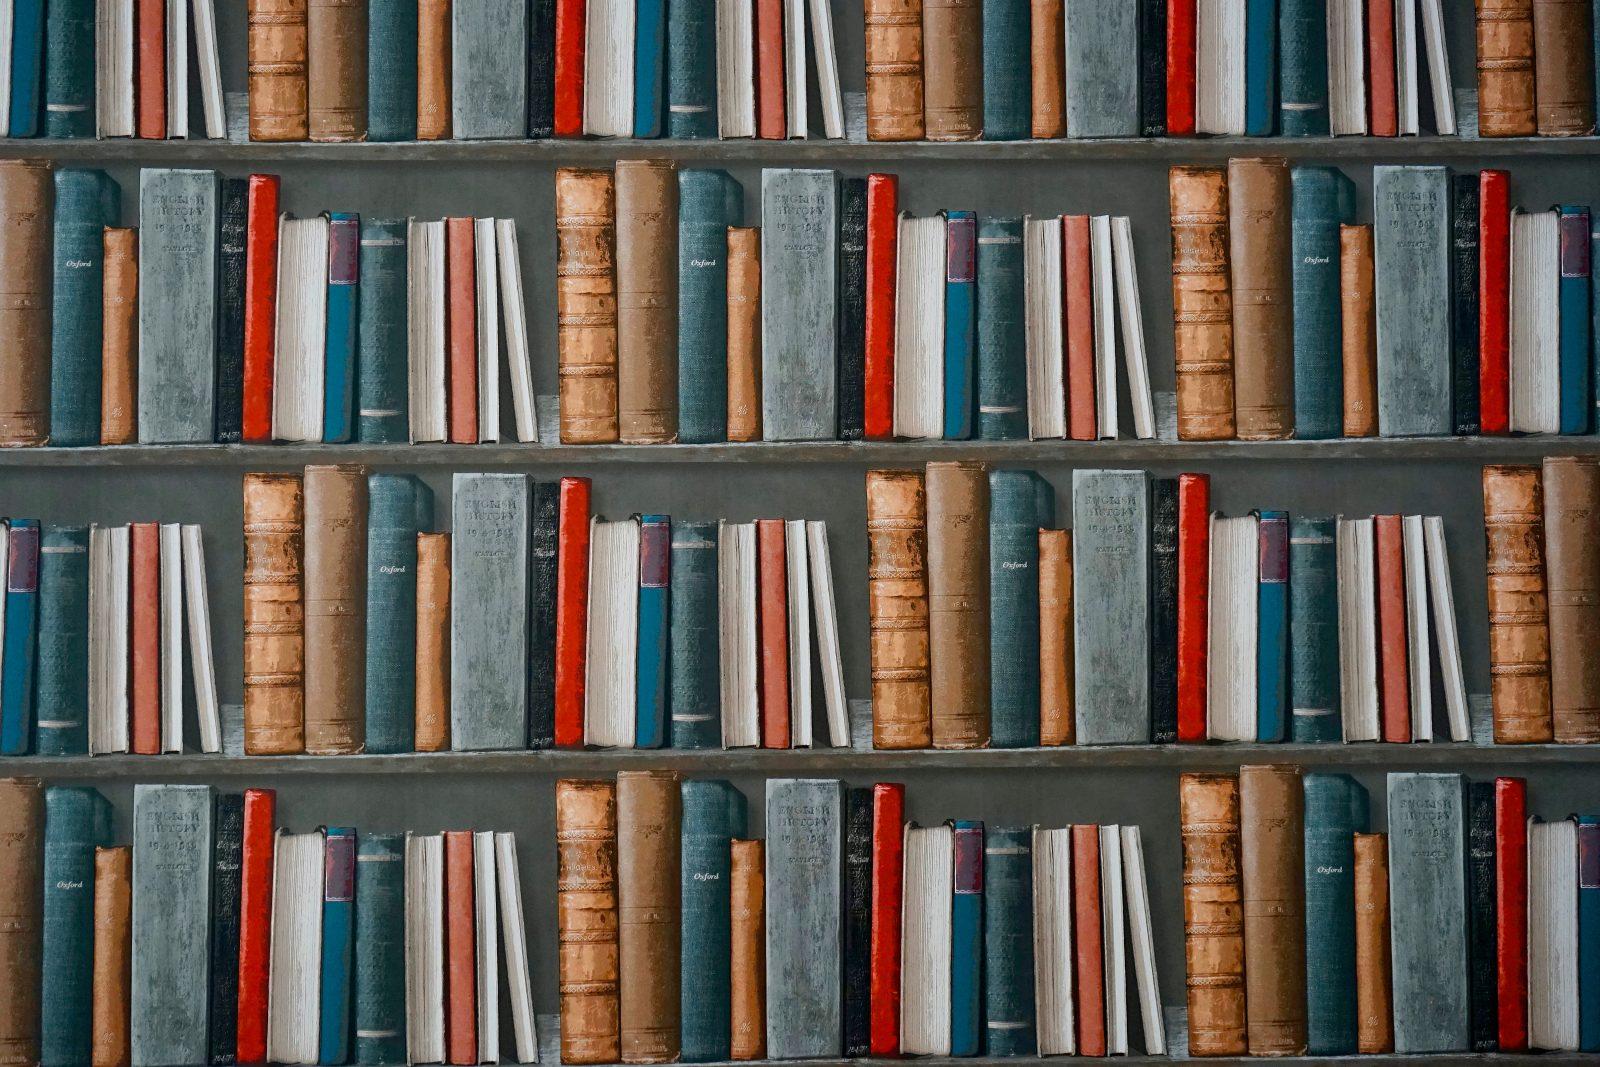 publicaties boeken in een boekenkast